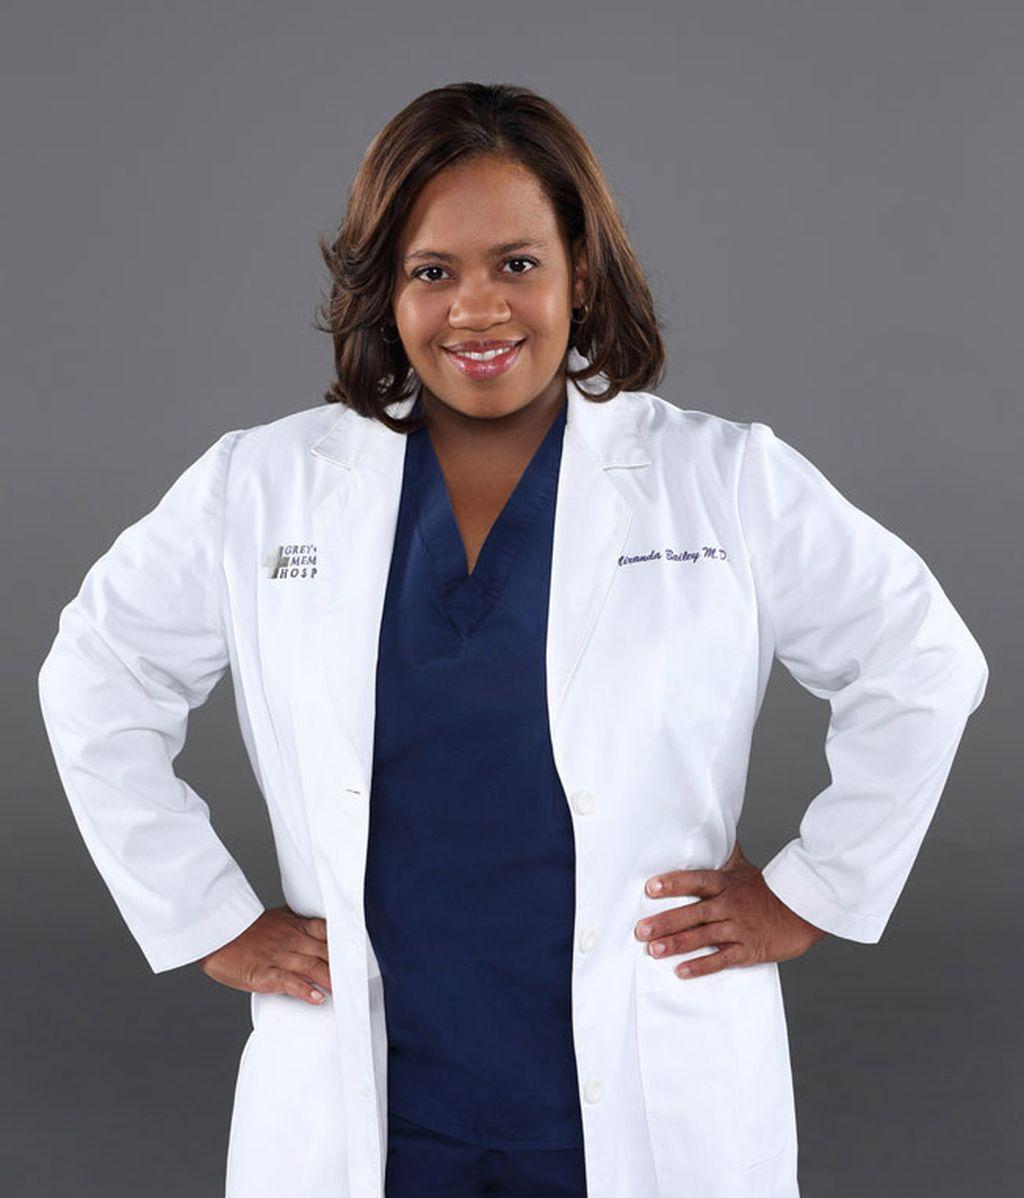 Chandra Wilson es la Doctora Bailey, conocida como 'la nazi' por su carácter duro